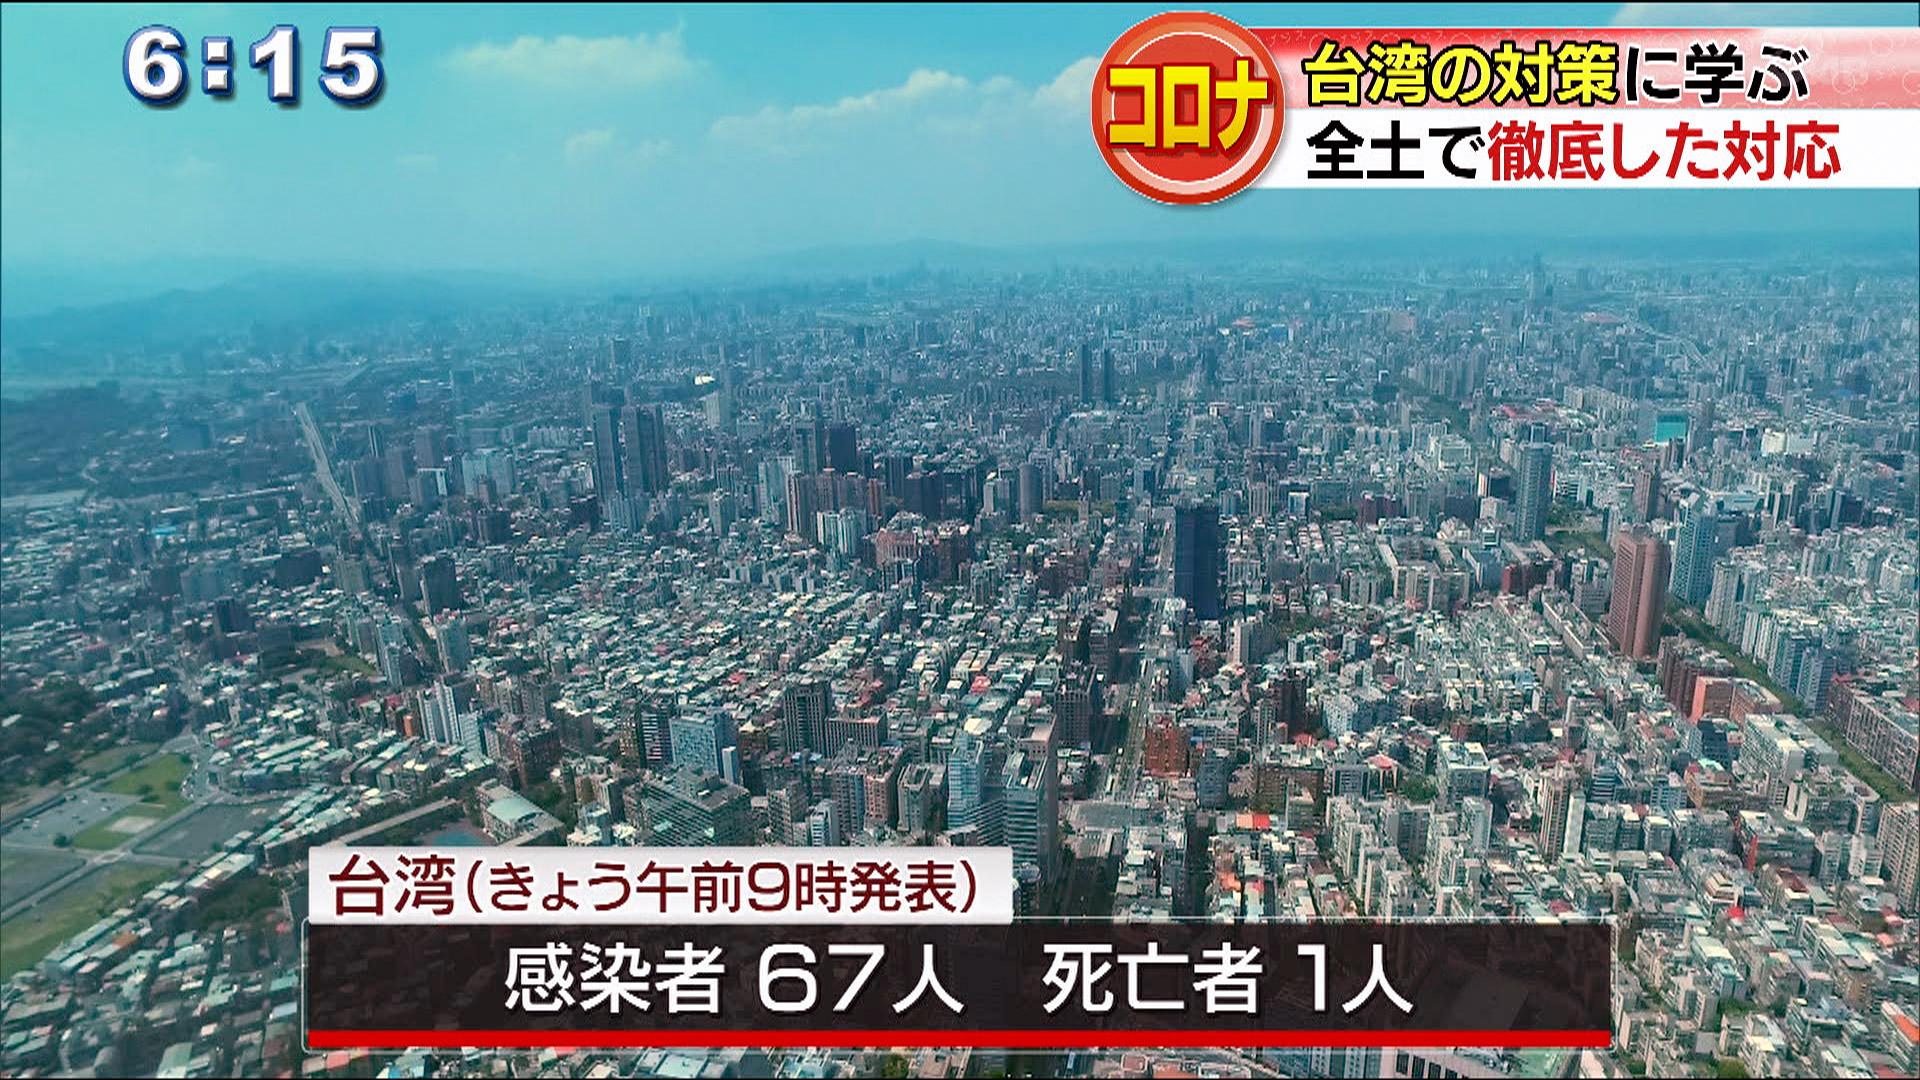 コロナ SNSも活用し情報発信 台湾の対策に学ぶ